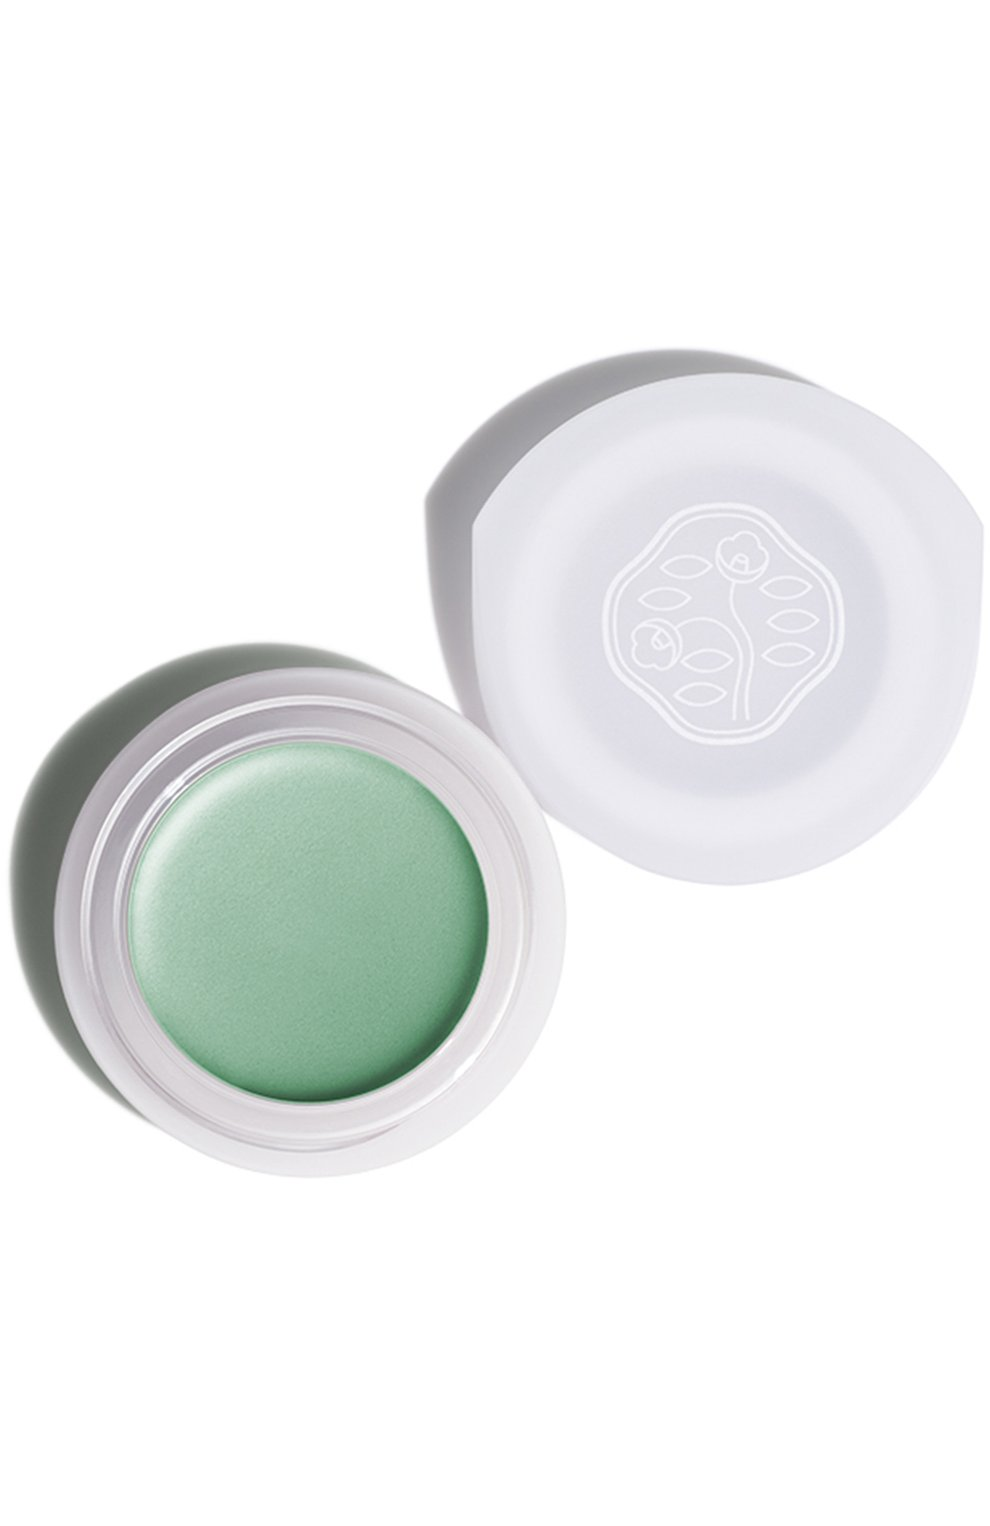 Женские полупрозрачные кремовые тени для век, оттенок gr705 SHISEIDO бесцветного цвета, арт. 13894SH | Фото 1